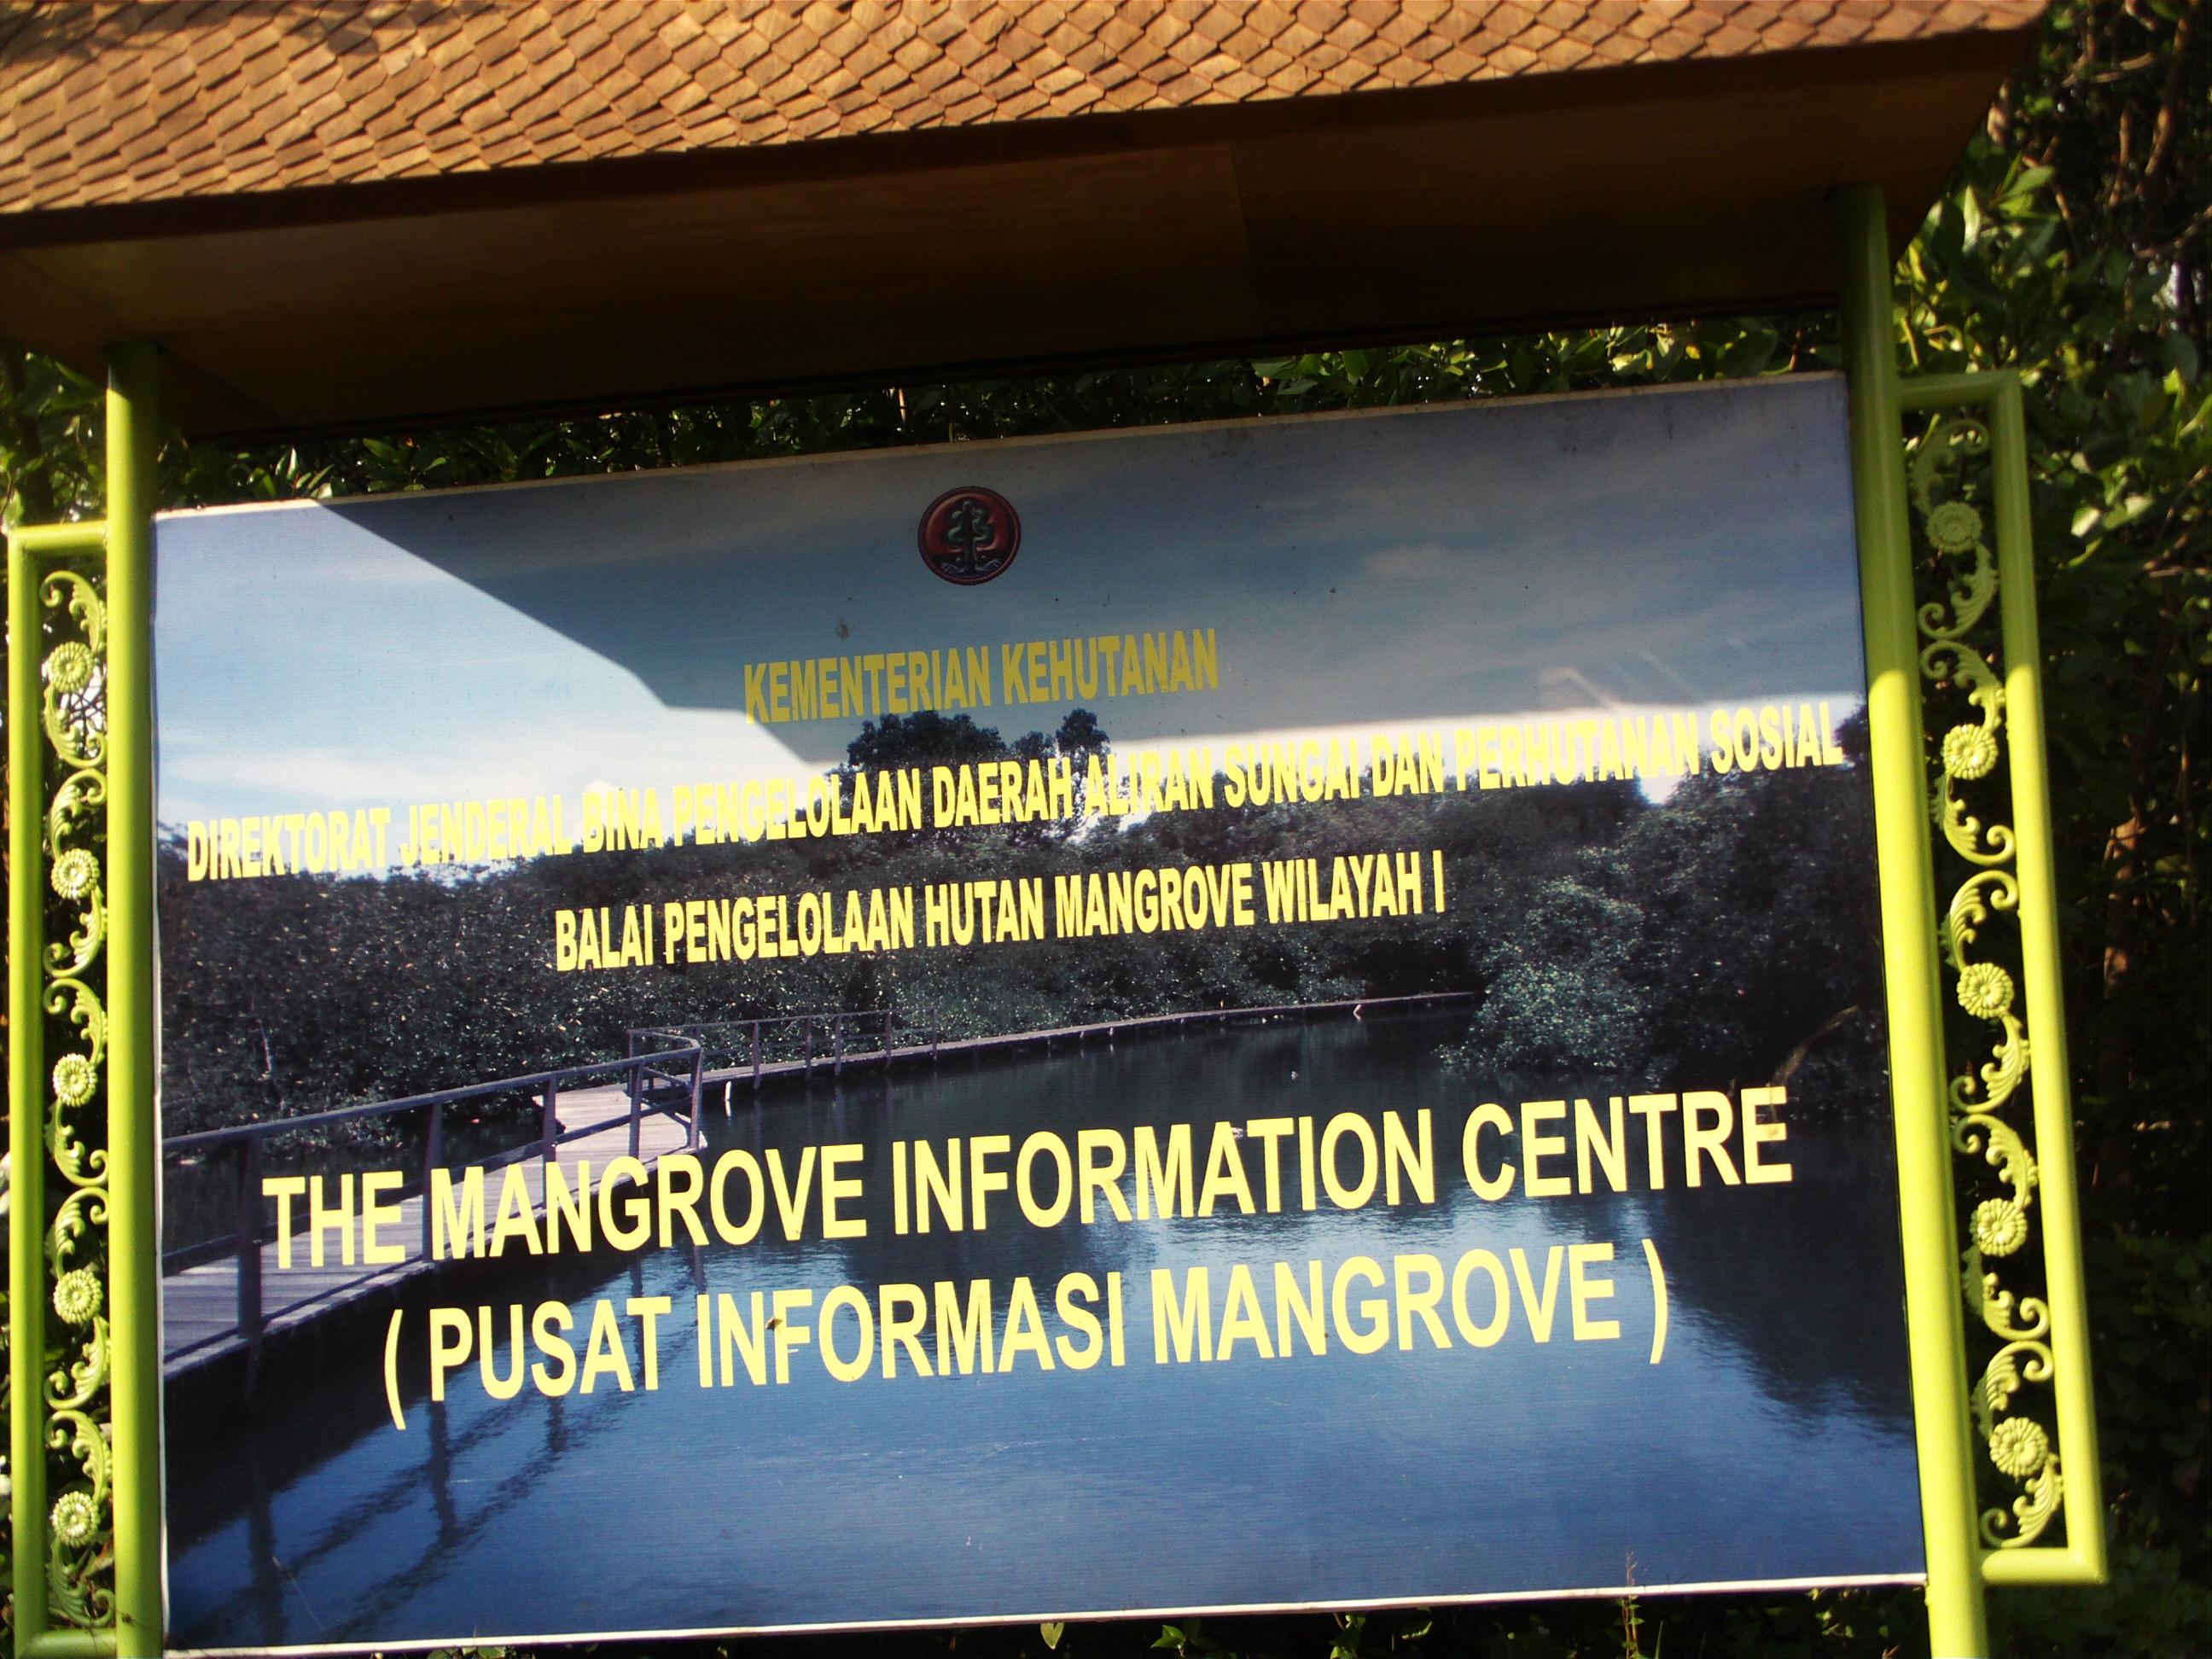 Mangrove Wisata Edukasi Tunsa Mungkin Benar Kata Gandhi Menemukan Tempat